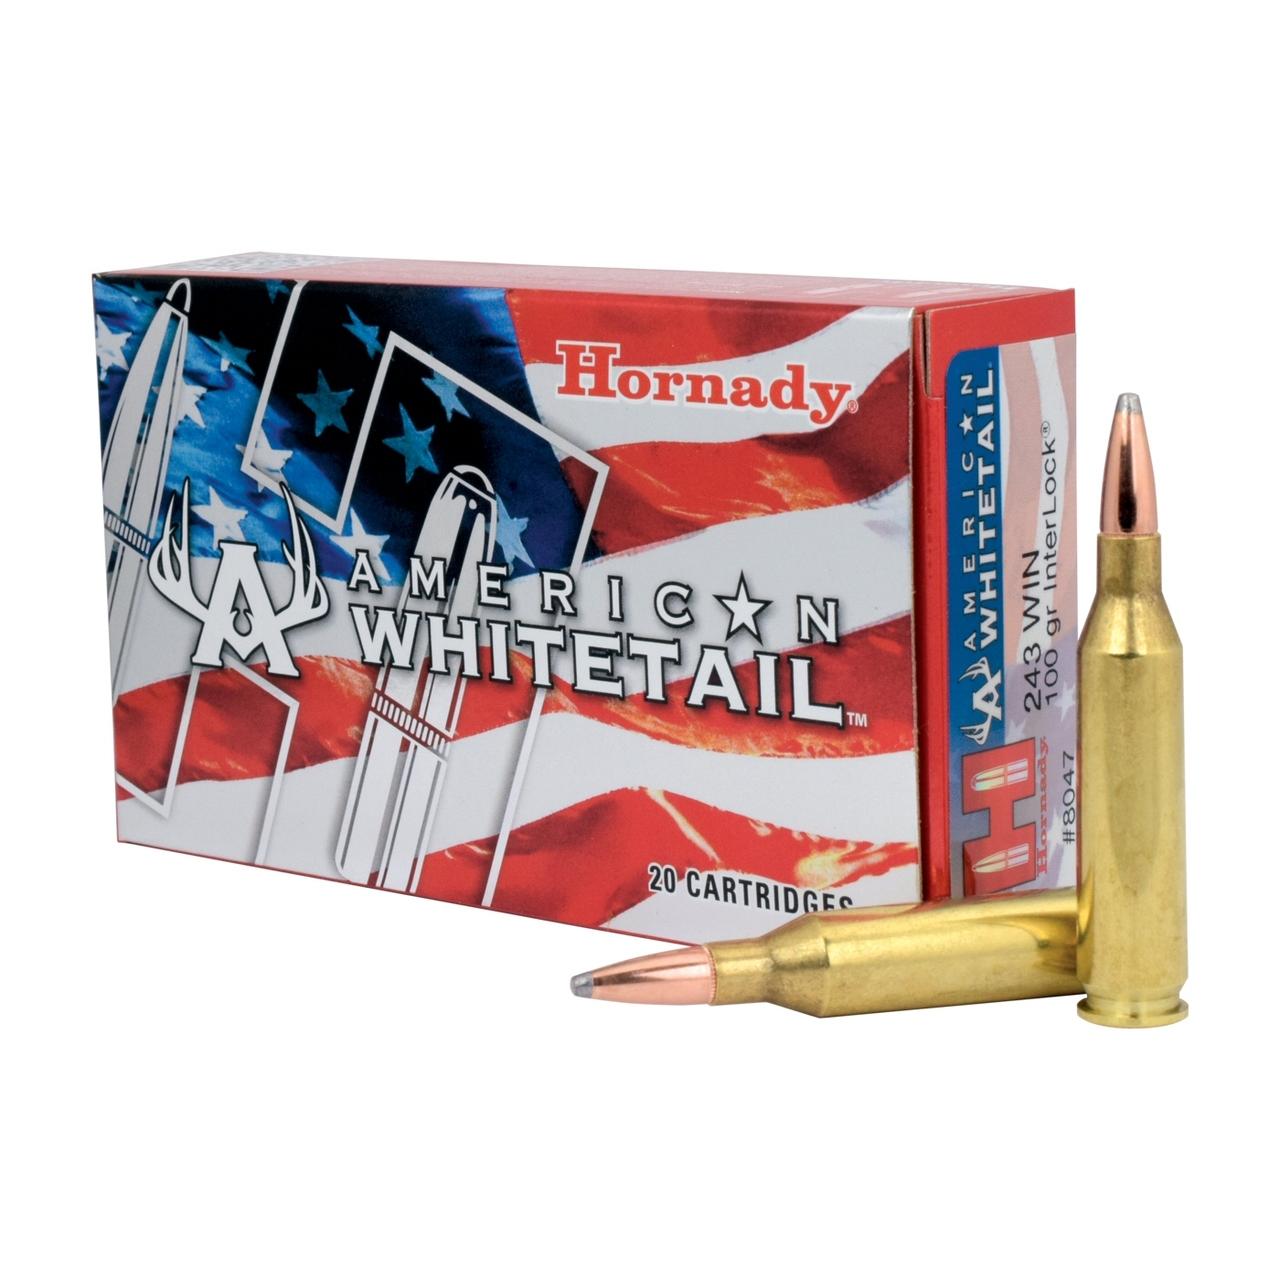 Hornady 243 Win 100gr Interlock SP American Whitetail